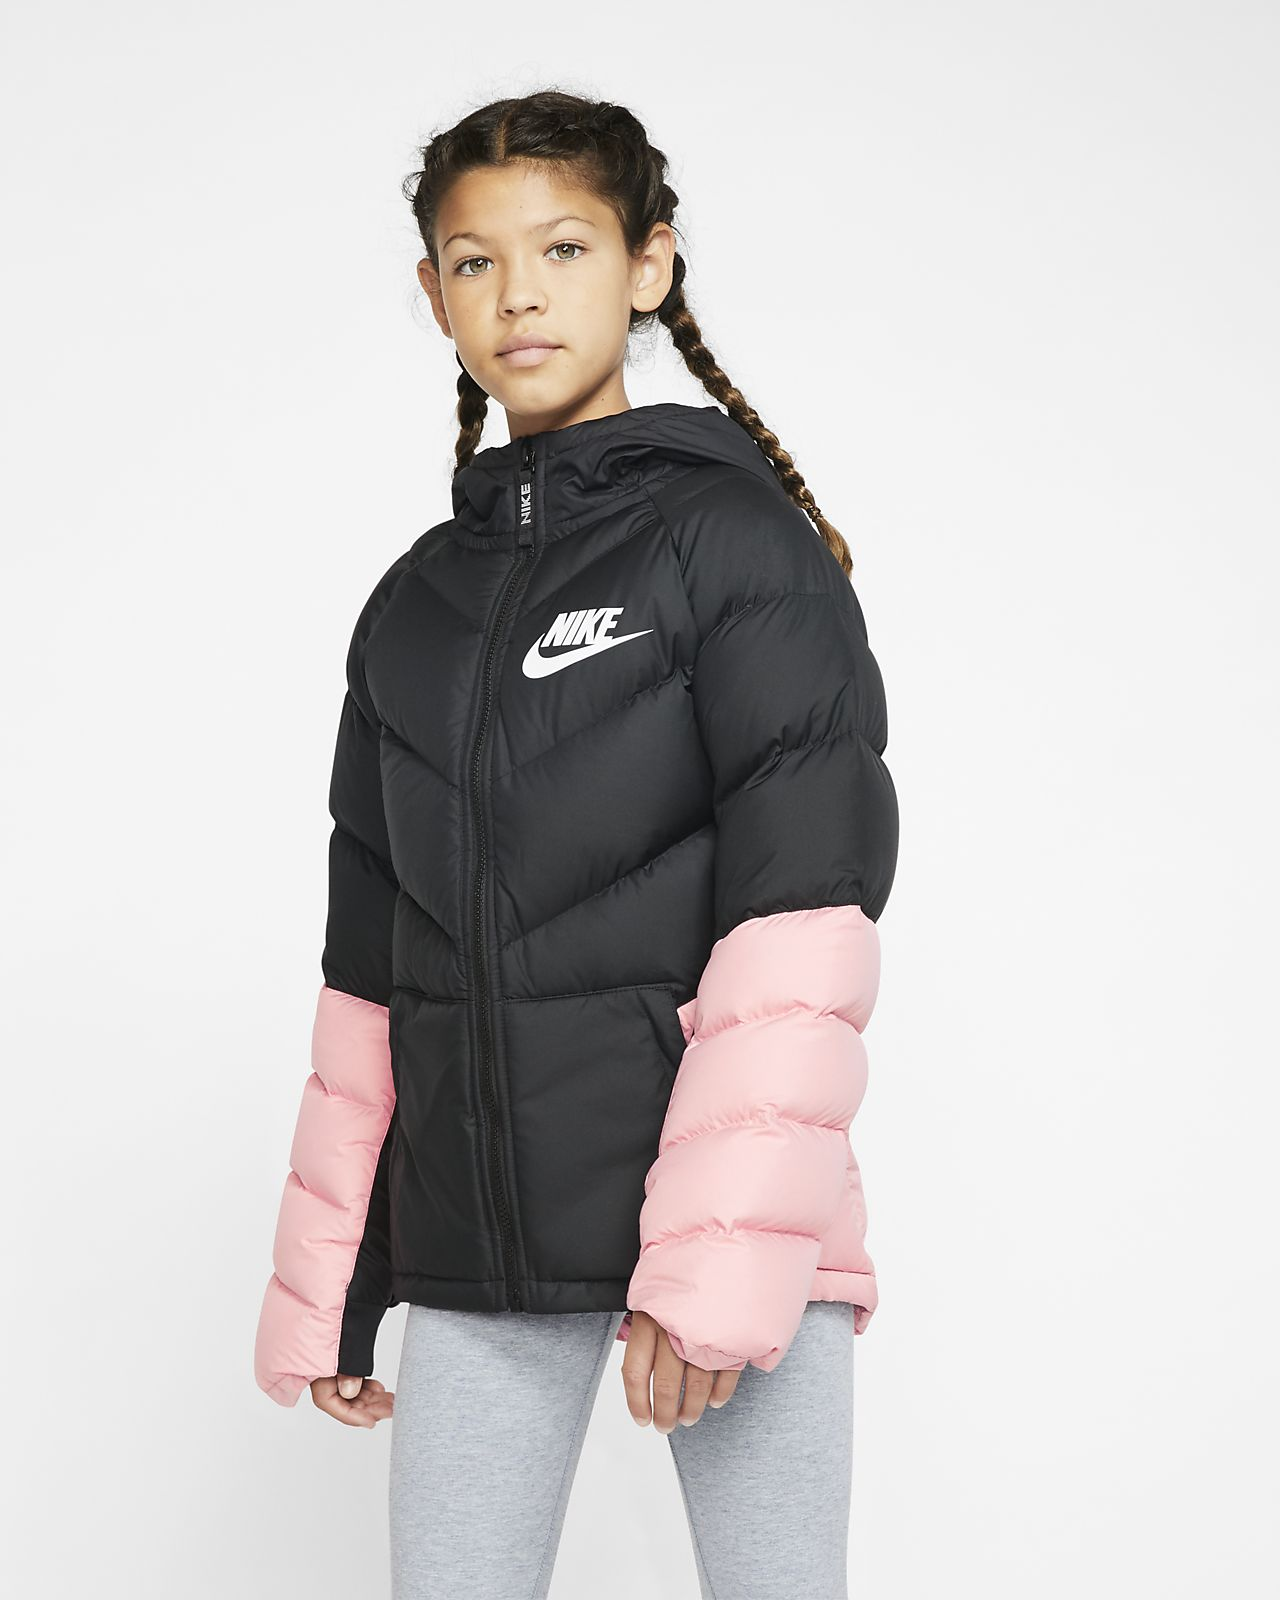 Nike Sportswear anorák nagyobb gyerekeknek